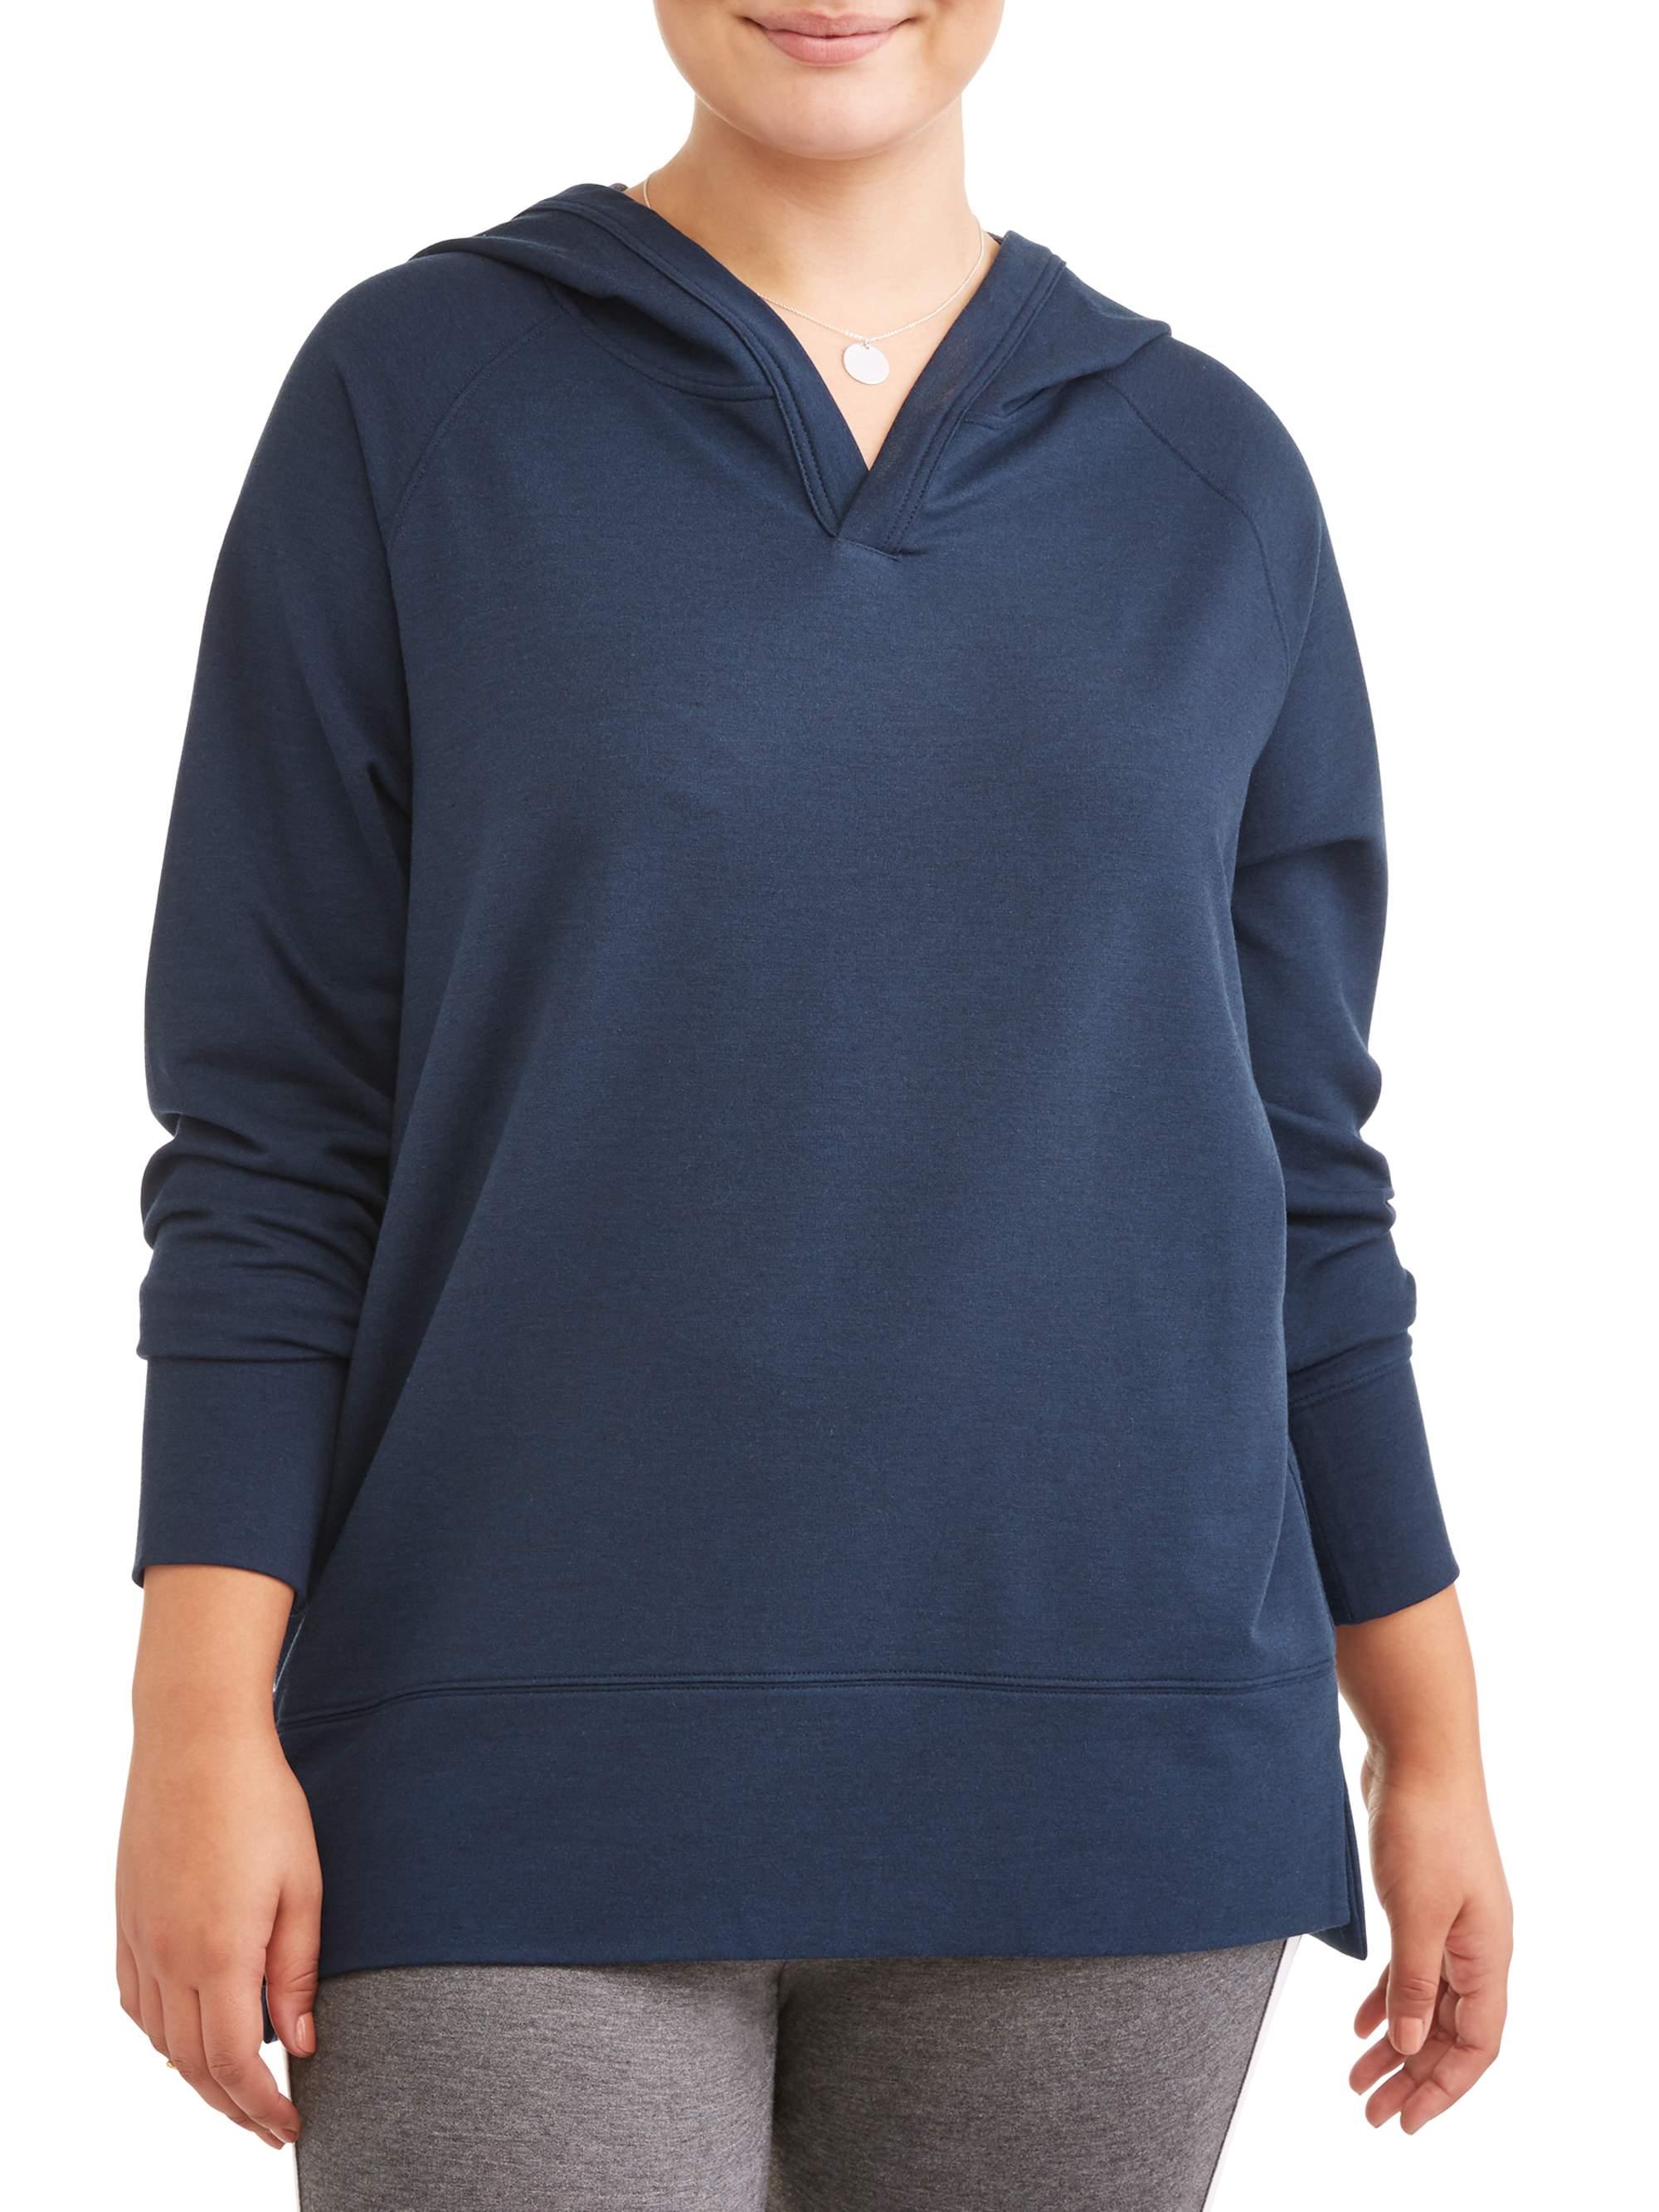 939d431b7e1 AVIA - Avia Women's Plus Size Hooded Tunic Sweatshirt - Walmart.com